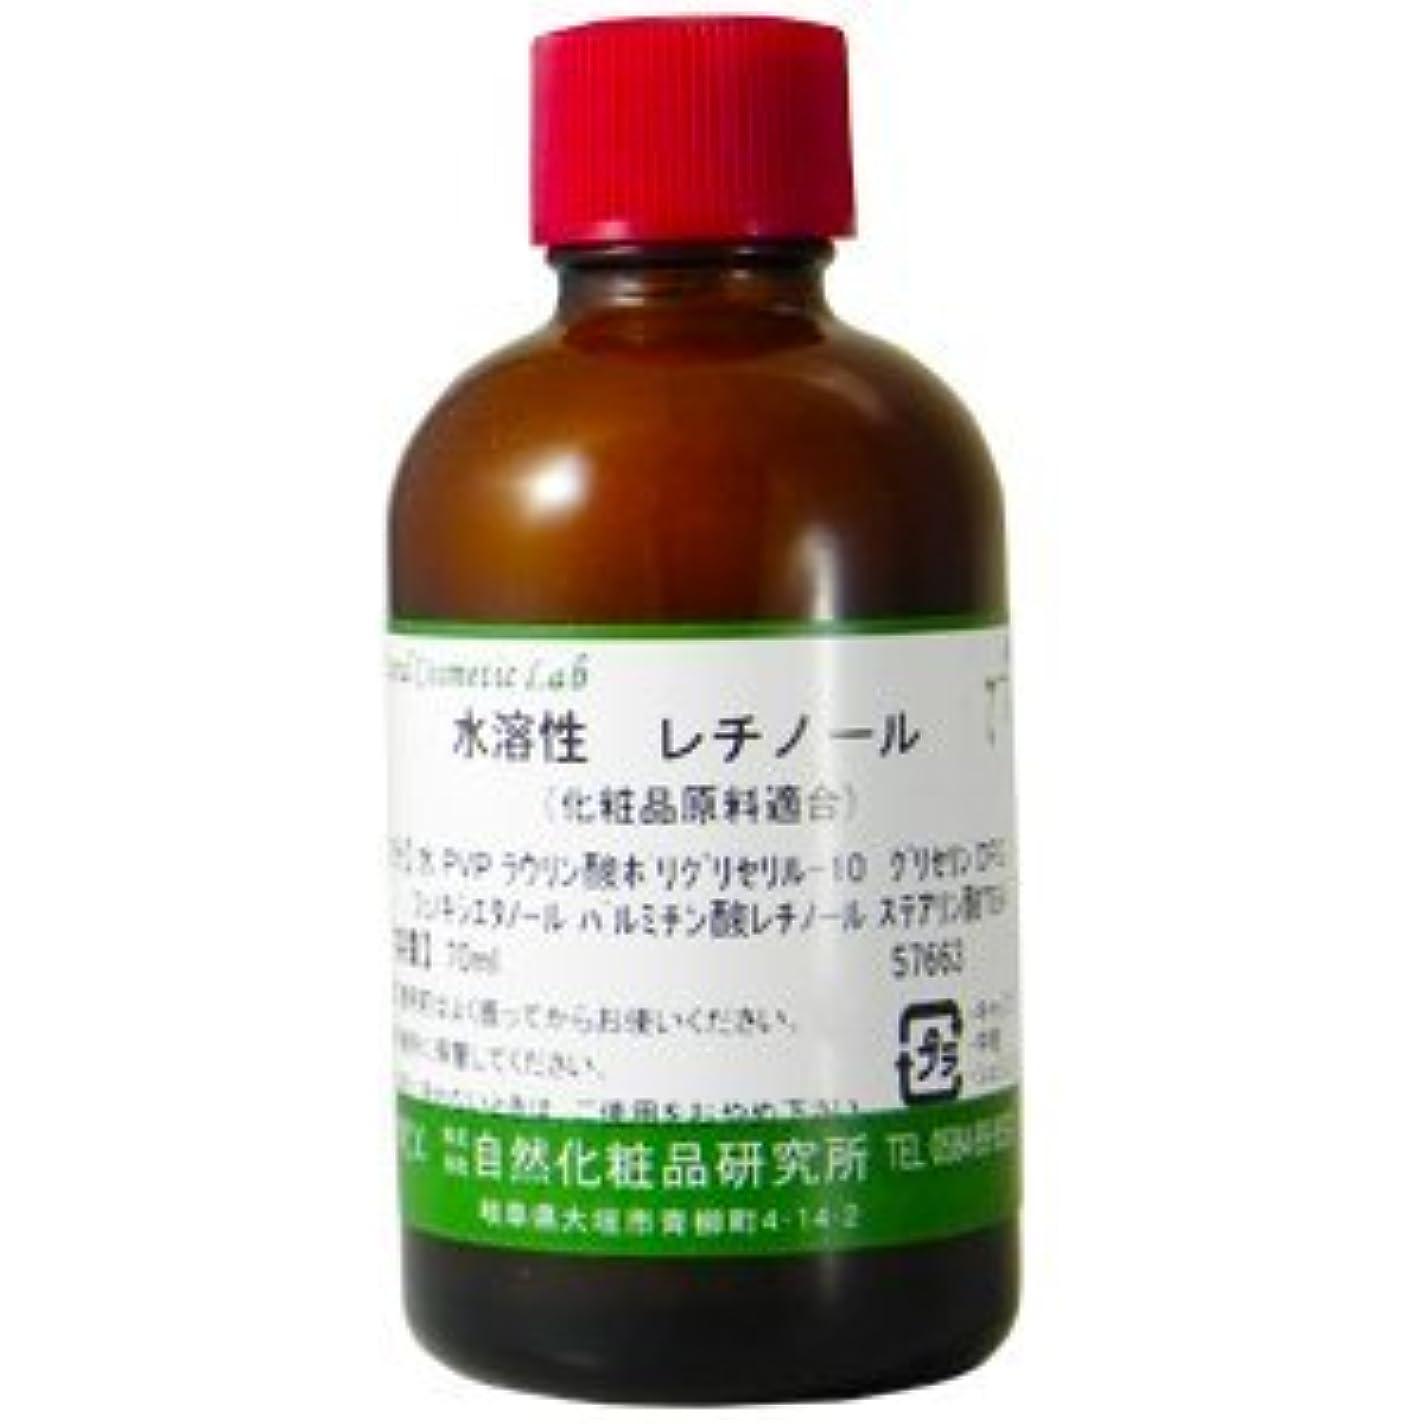 賞賛する地上のダム水溶性 レチノール 化粧品原料 70ml